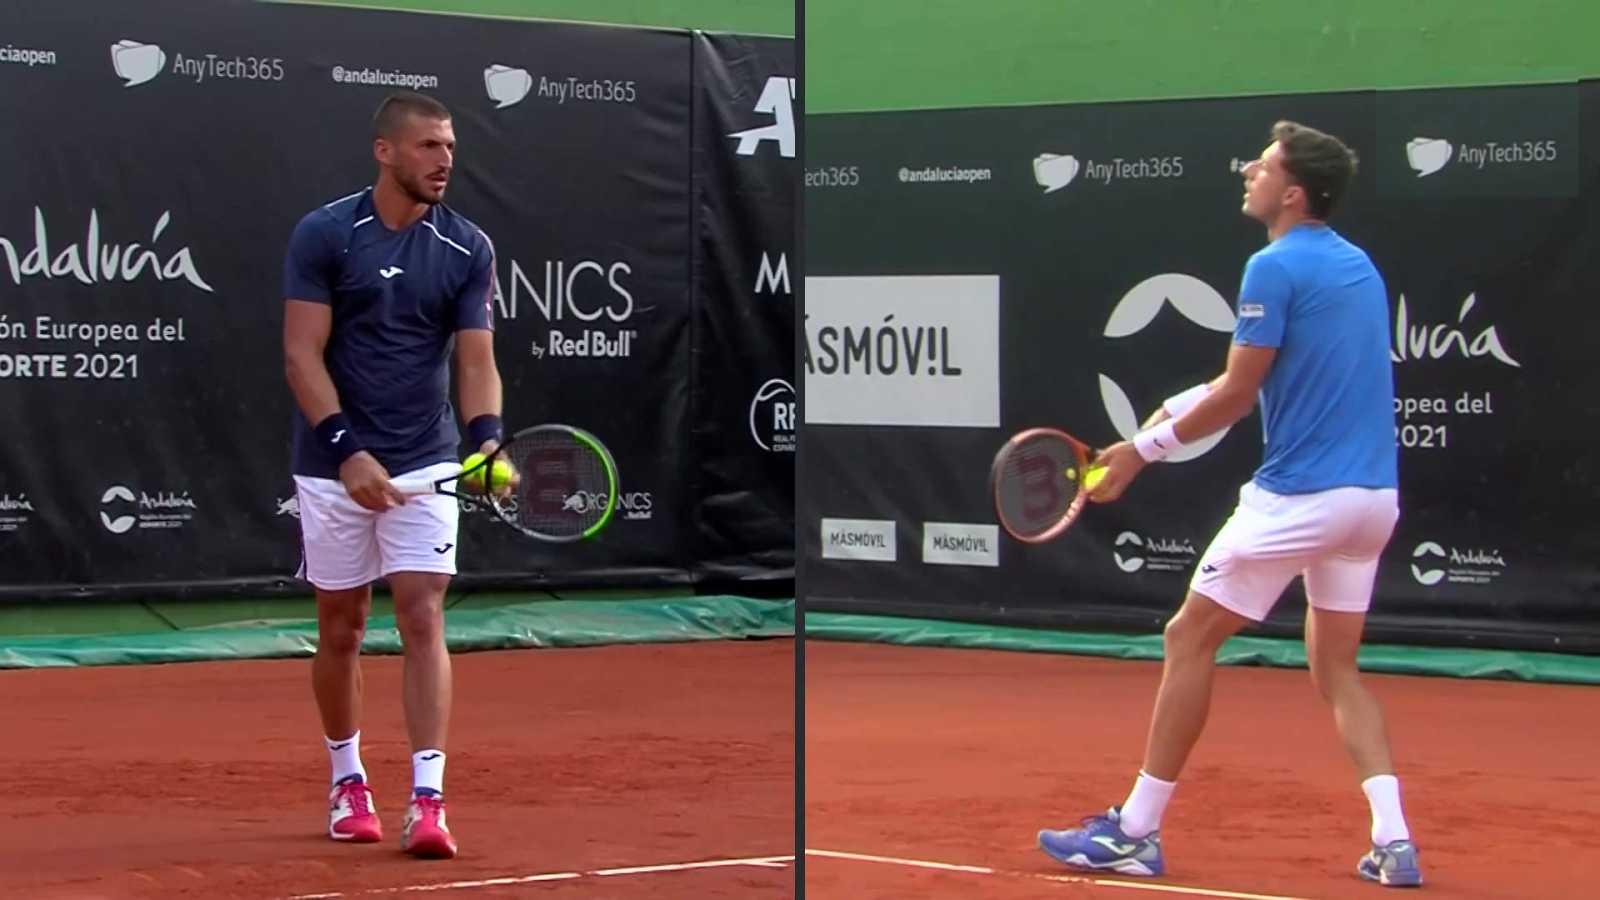 Tenis - ATP 250 Torneo Marbella: P.Carreño - M. Vilellar - ver ahora